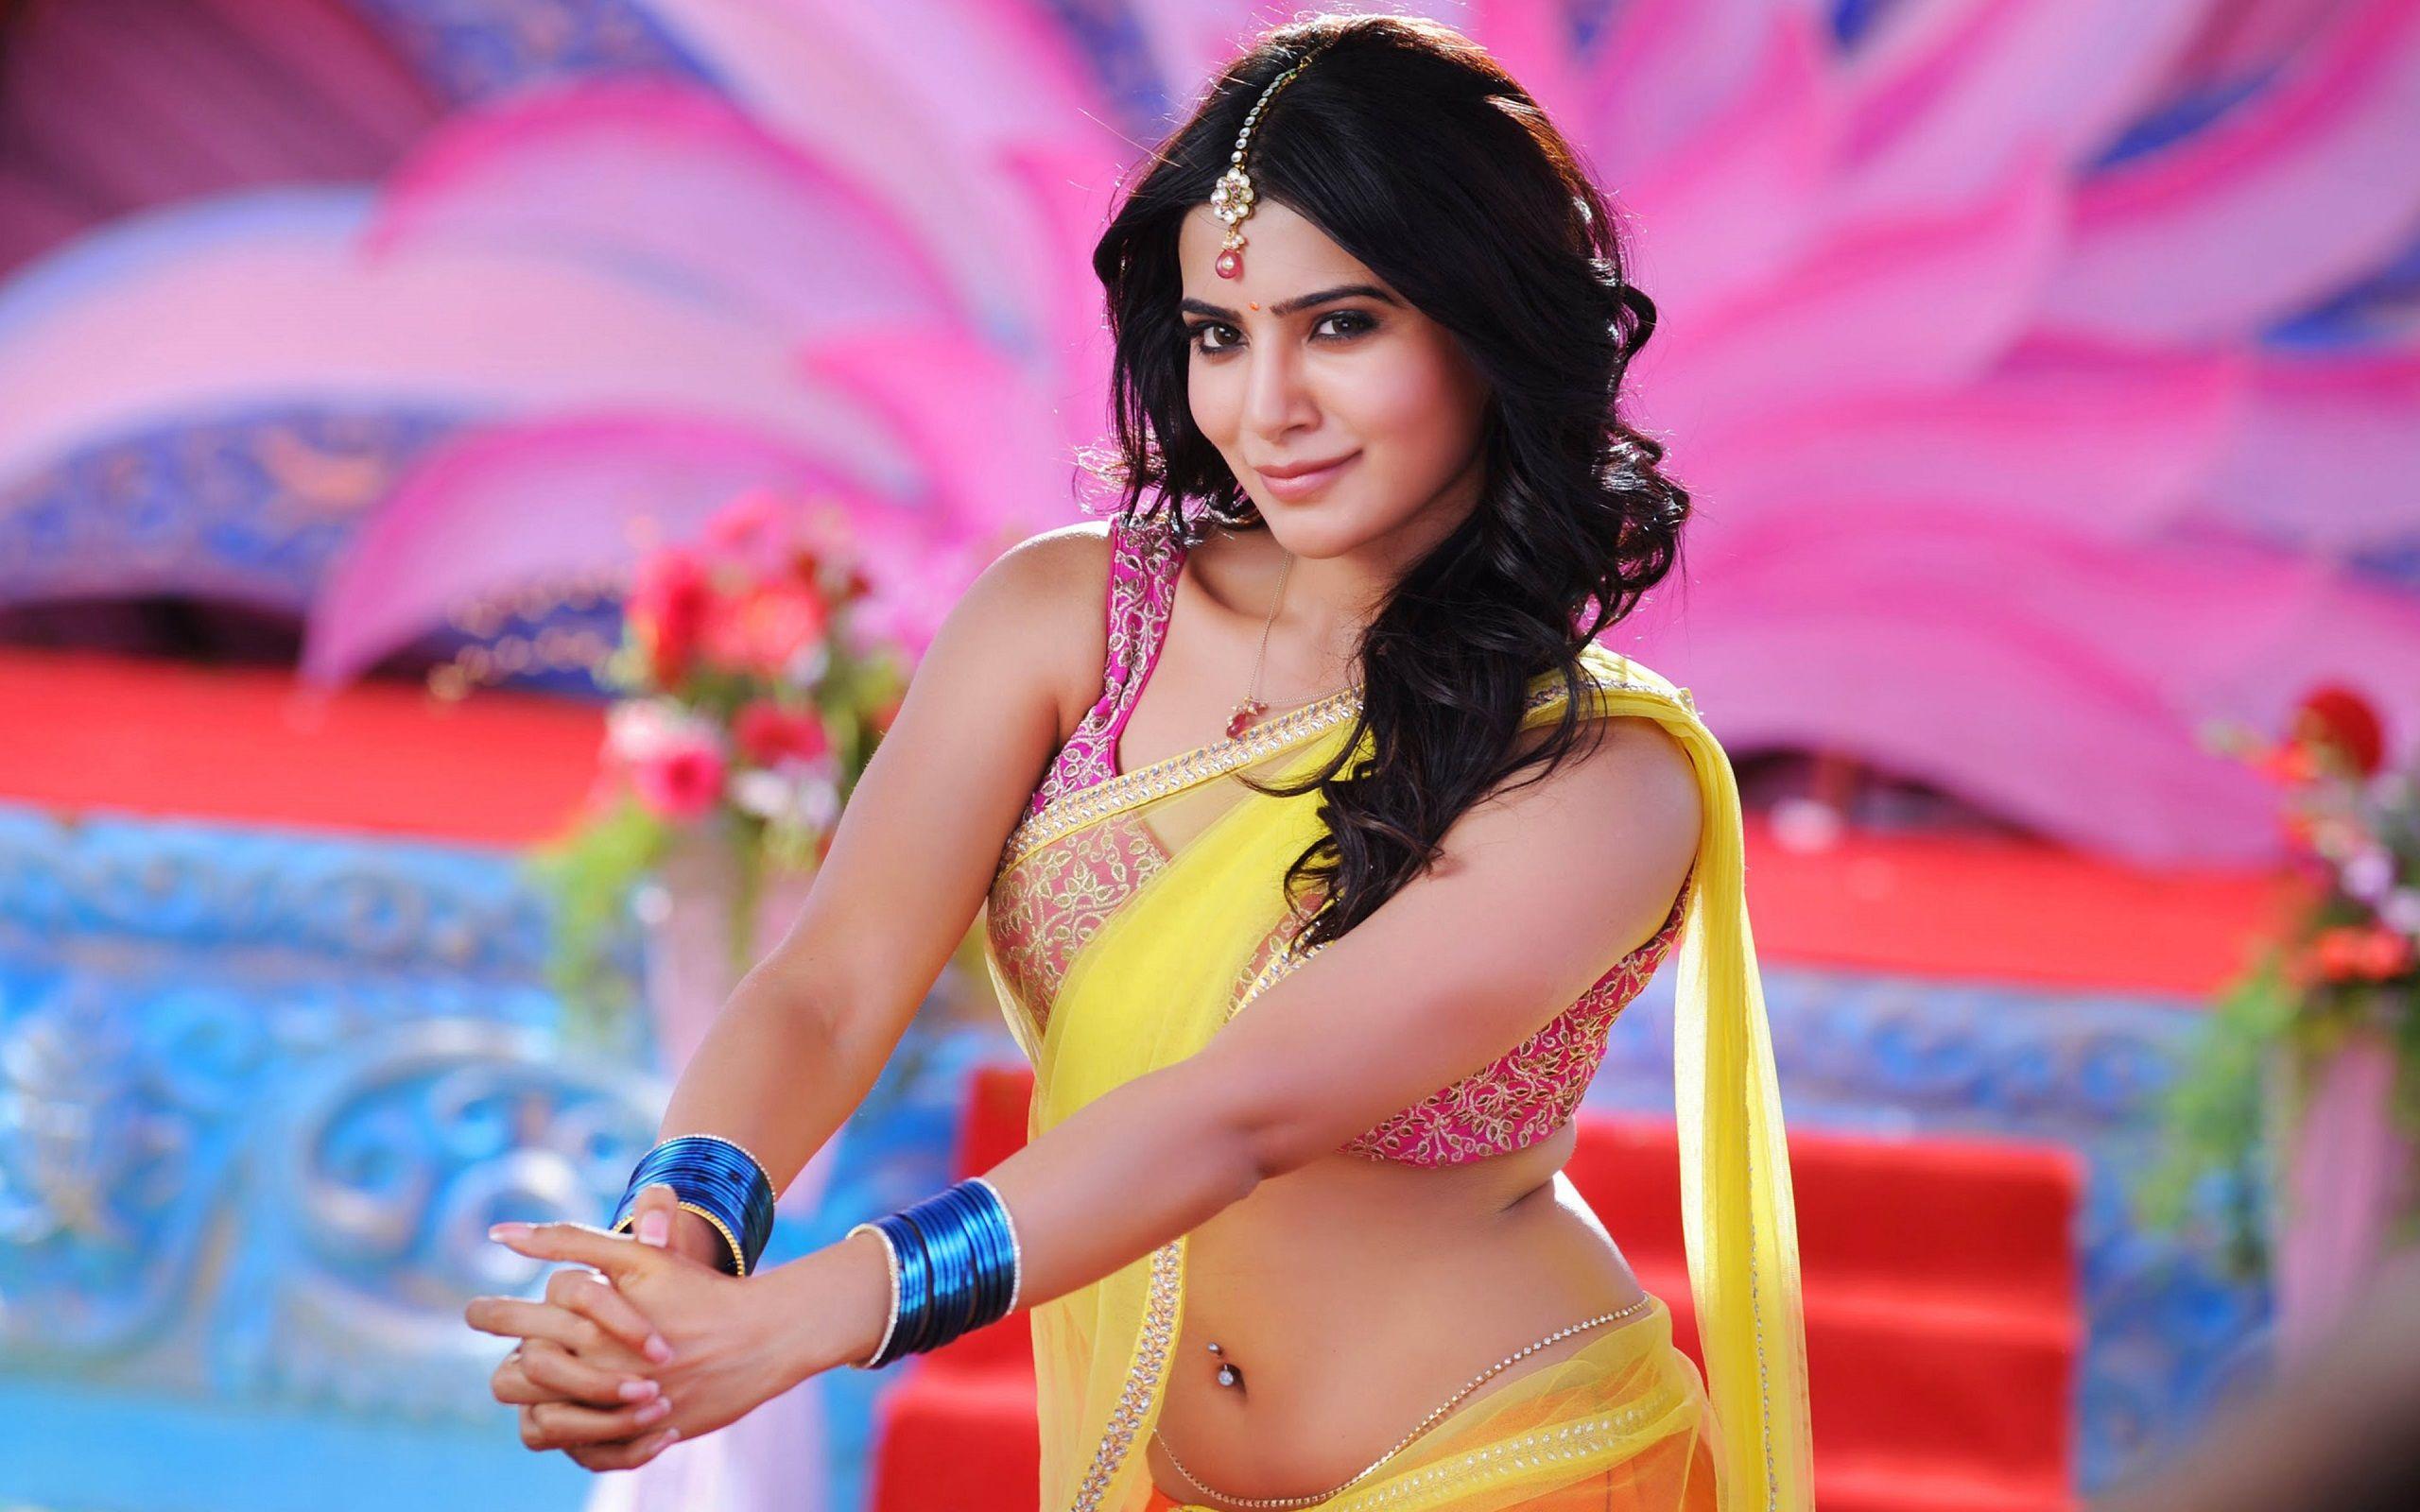 Samantha Tamil Actress Wallpaper Hd 1080p Wallpaper Background Samantha In Saree Samantha Pics Samantha Images